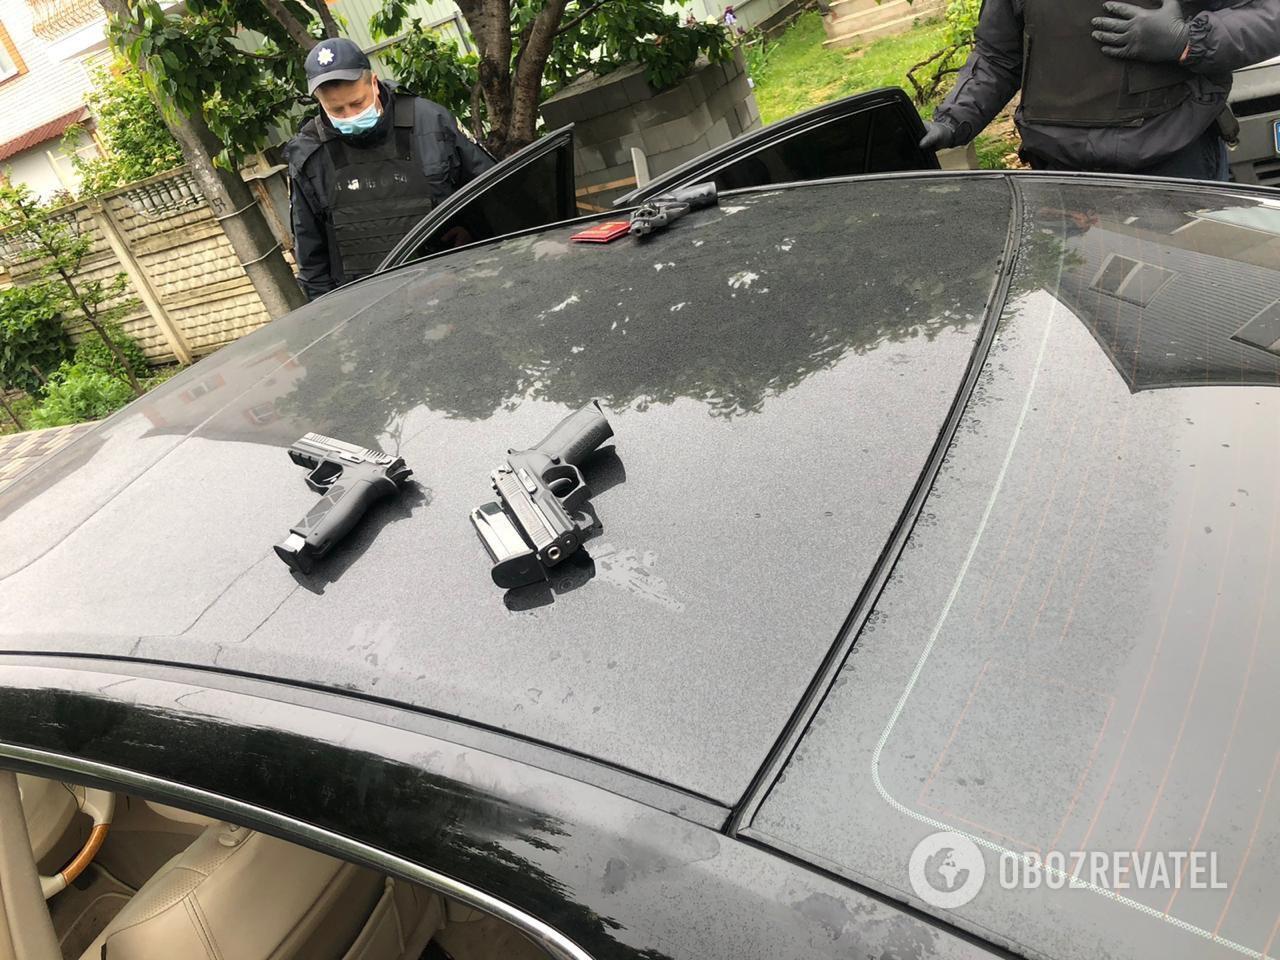 У перестрілці в Броварах брали участь кримінальні авторитети: ексклюзивні подробиці